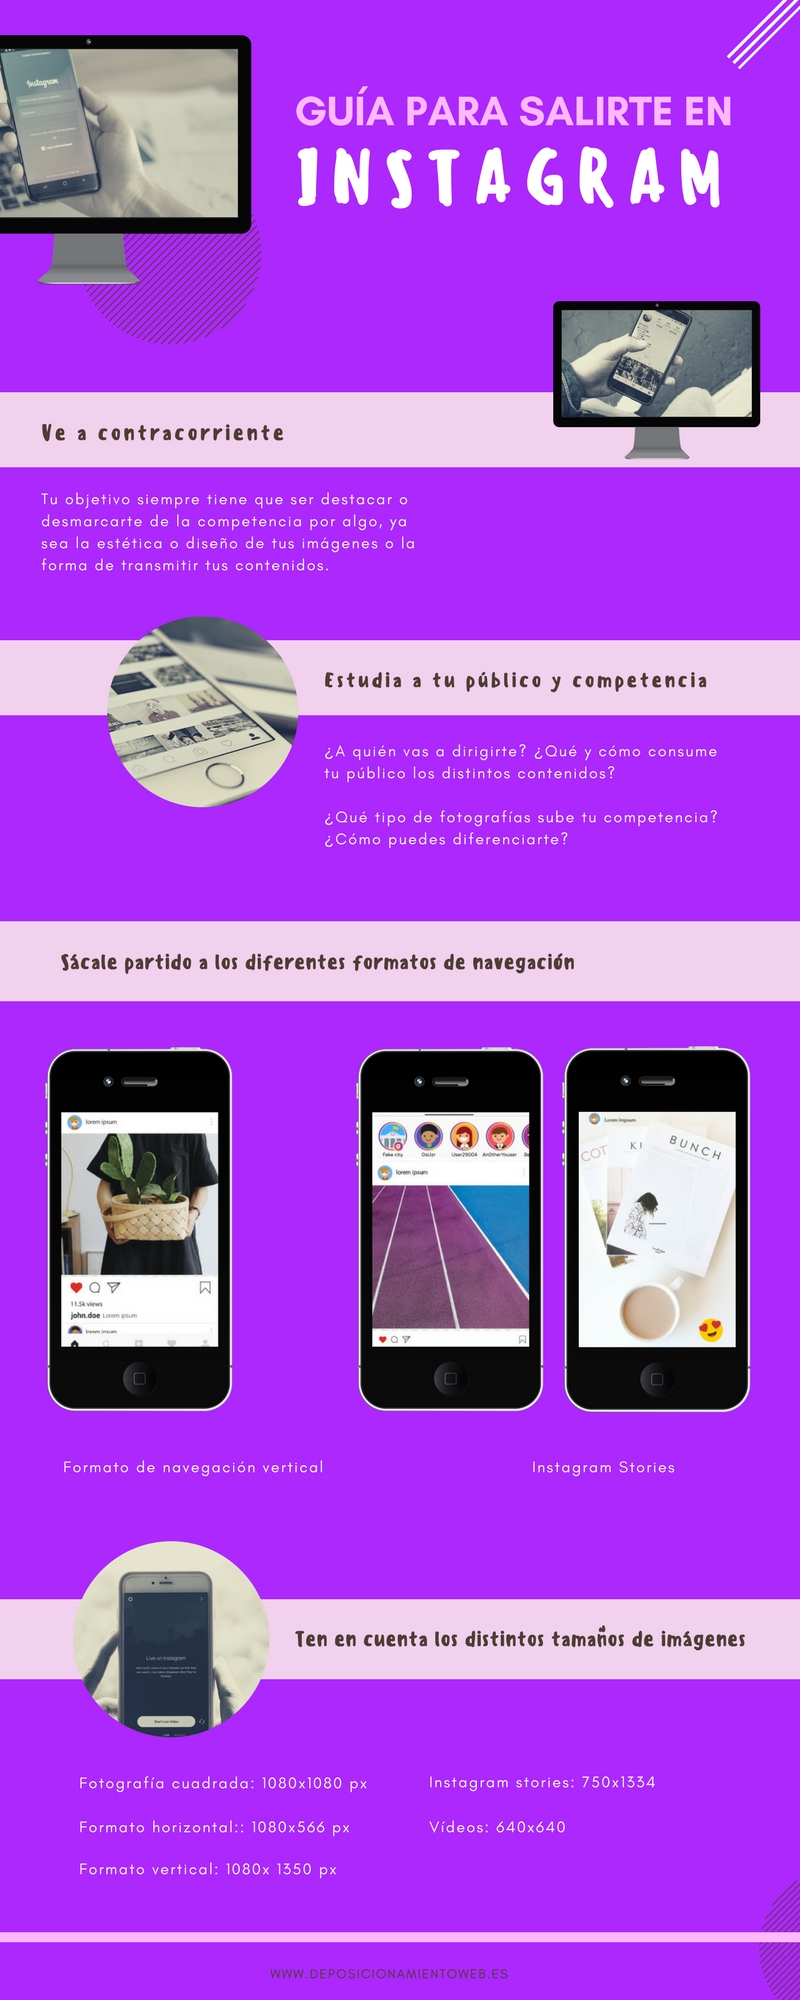 Infografía para saber cómo triunfar en Instagram